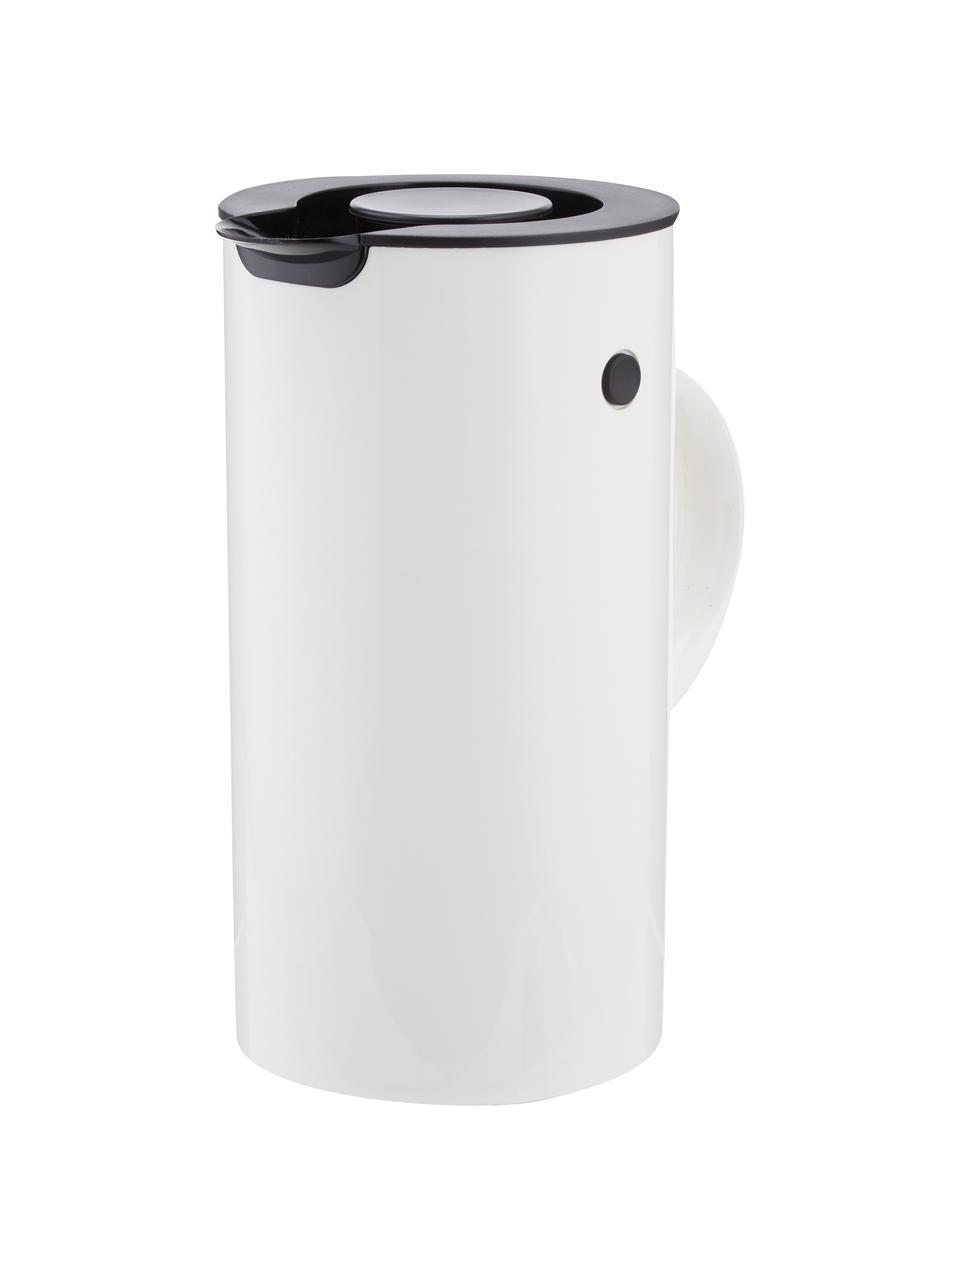 Wasserkocher EM77 in Weiß glänzend, Gehäuse: Metall, beschichtet, Weiß, Schwarz, 1,5 L